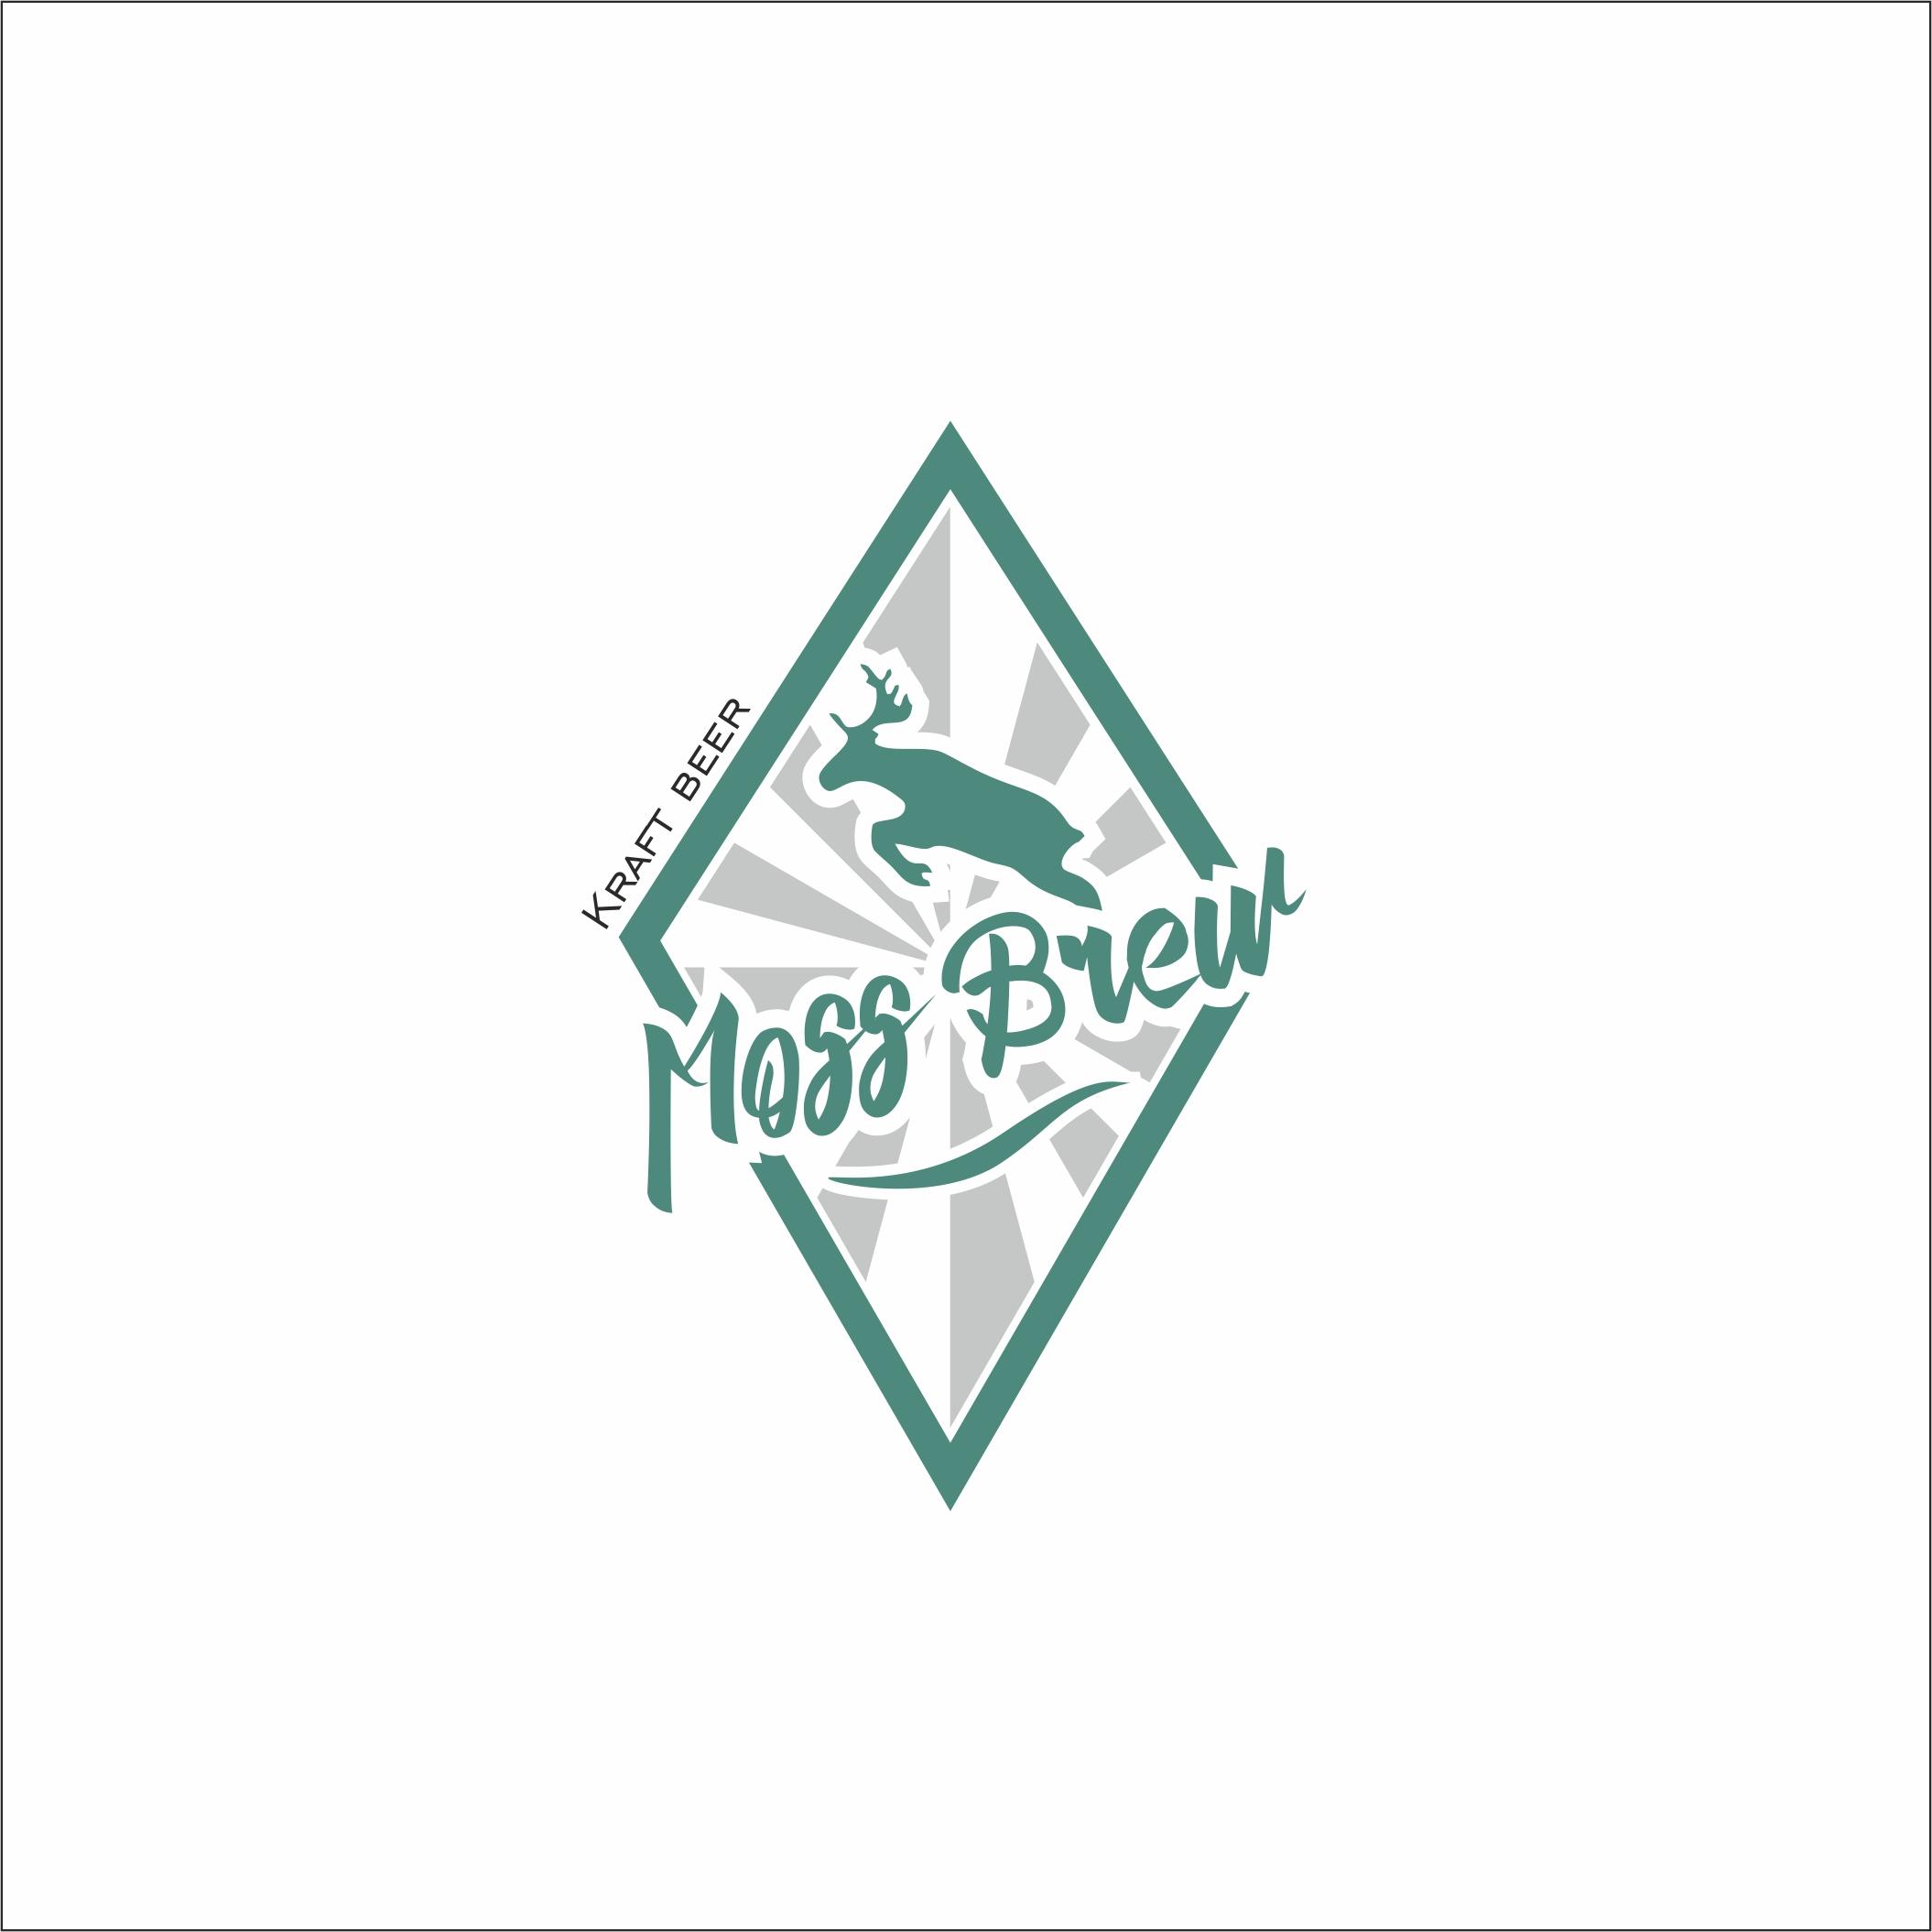 Логотип для пивоварни фото f_2395986ce85bf98e.jpg